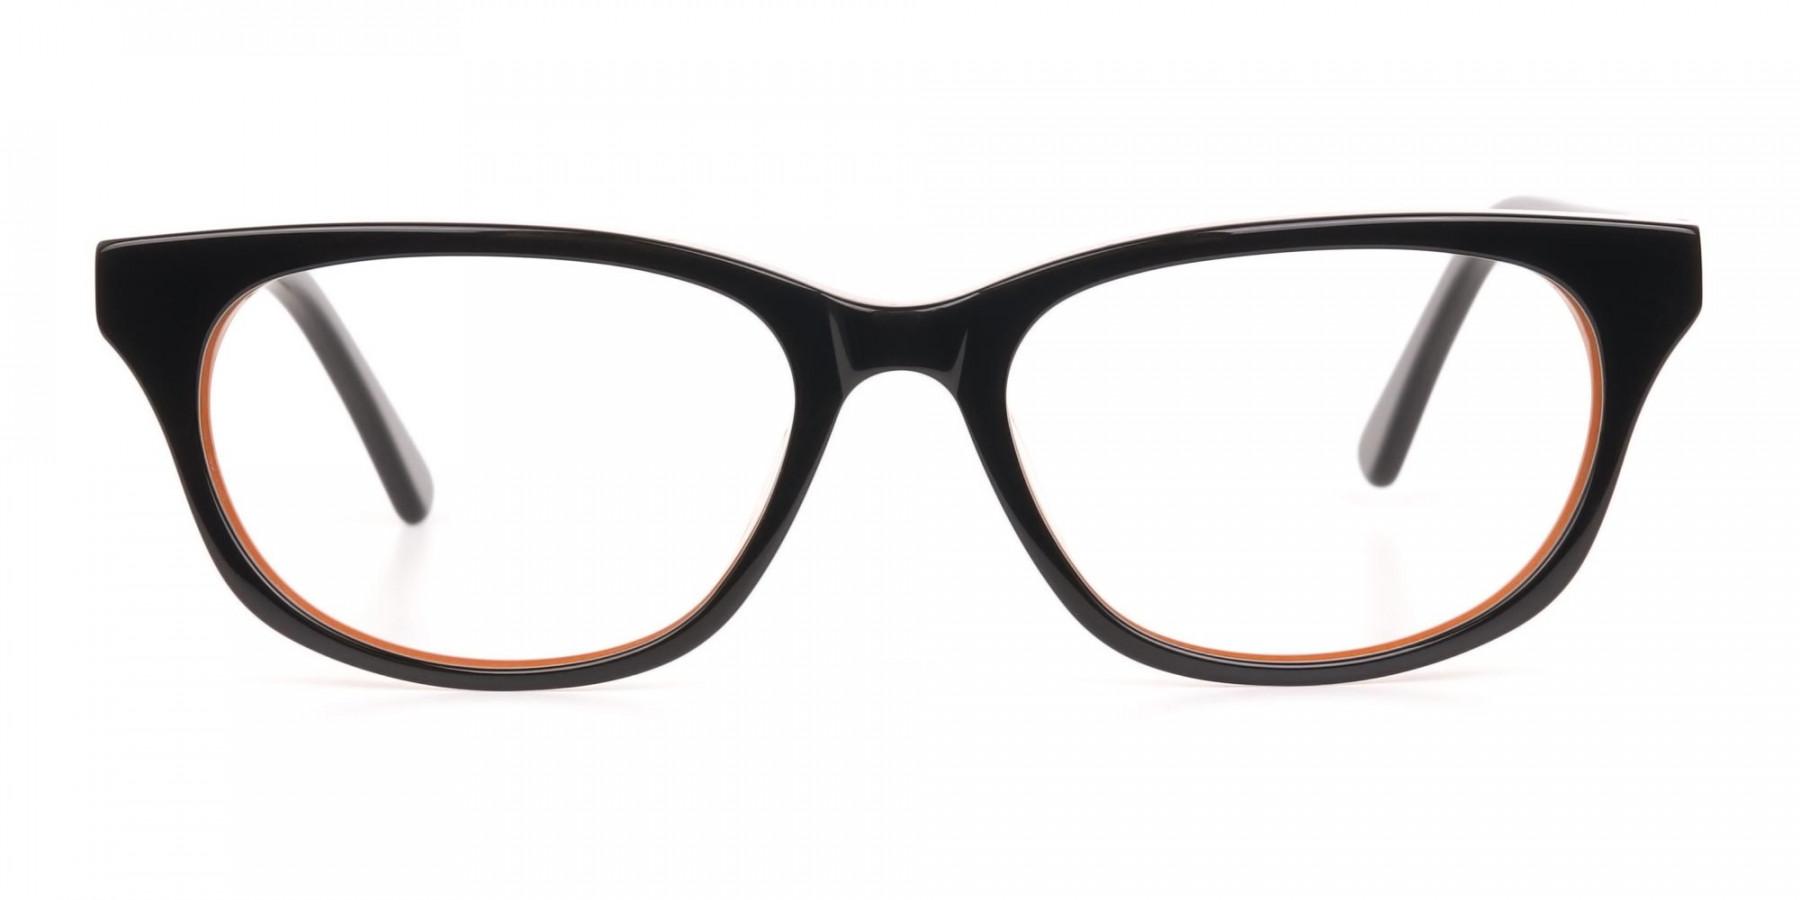 Petite Black and Orange Rectangular Glasses -1